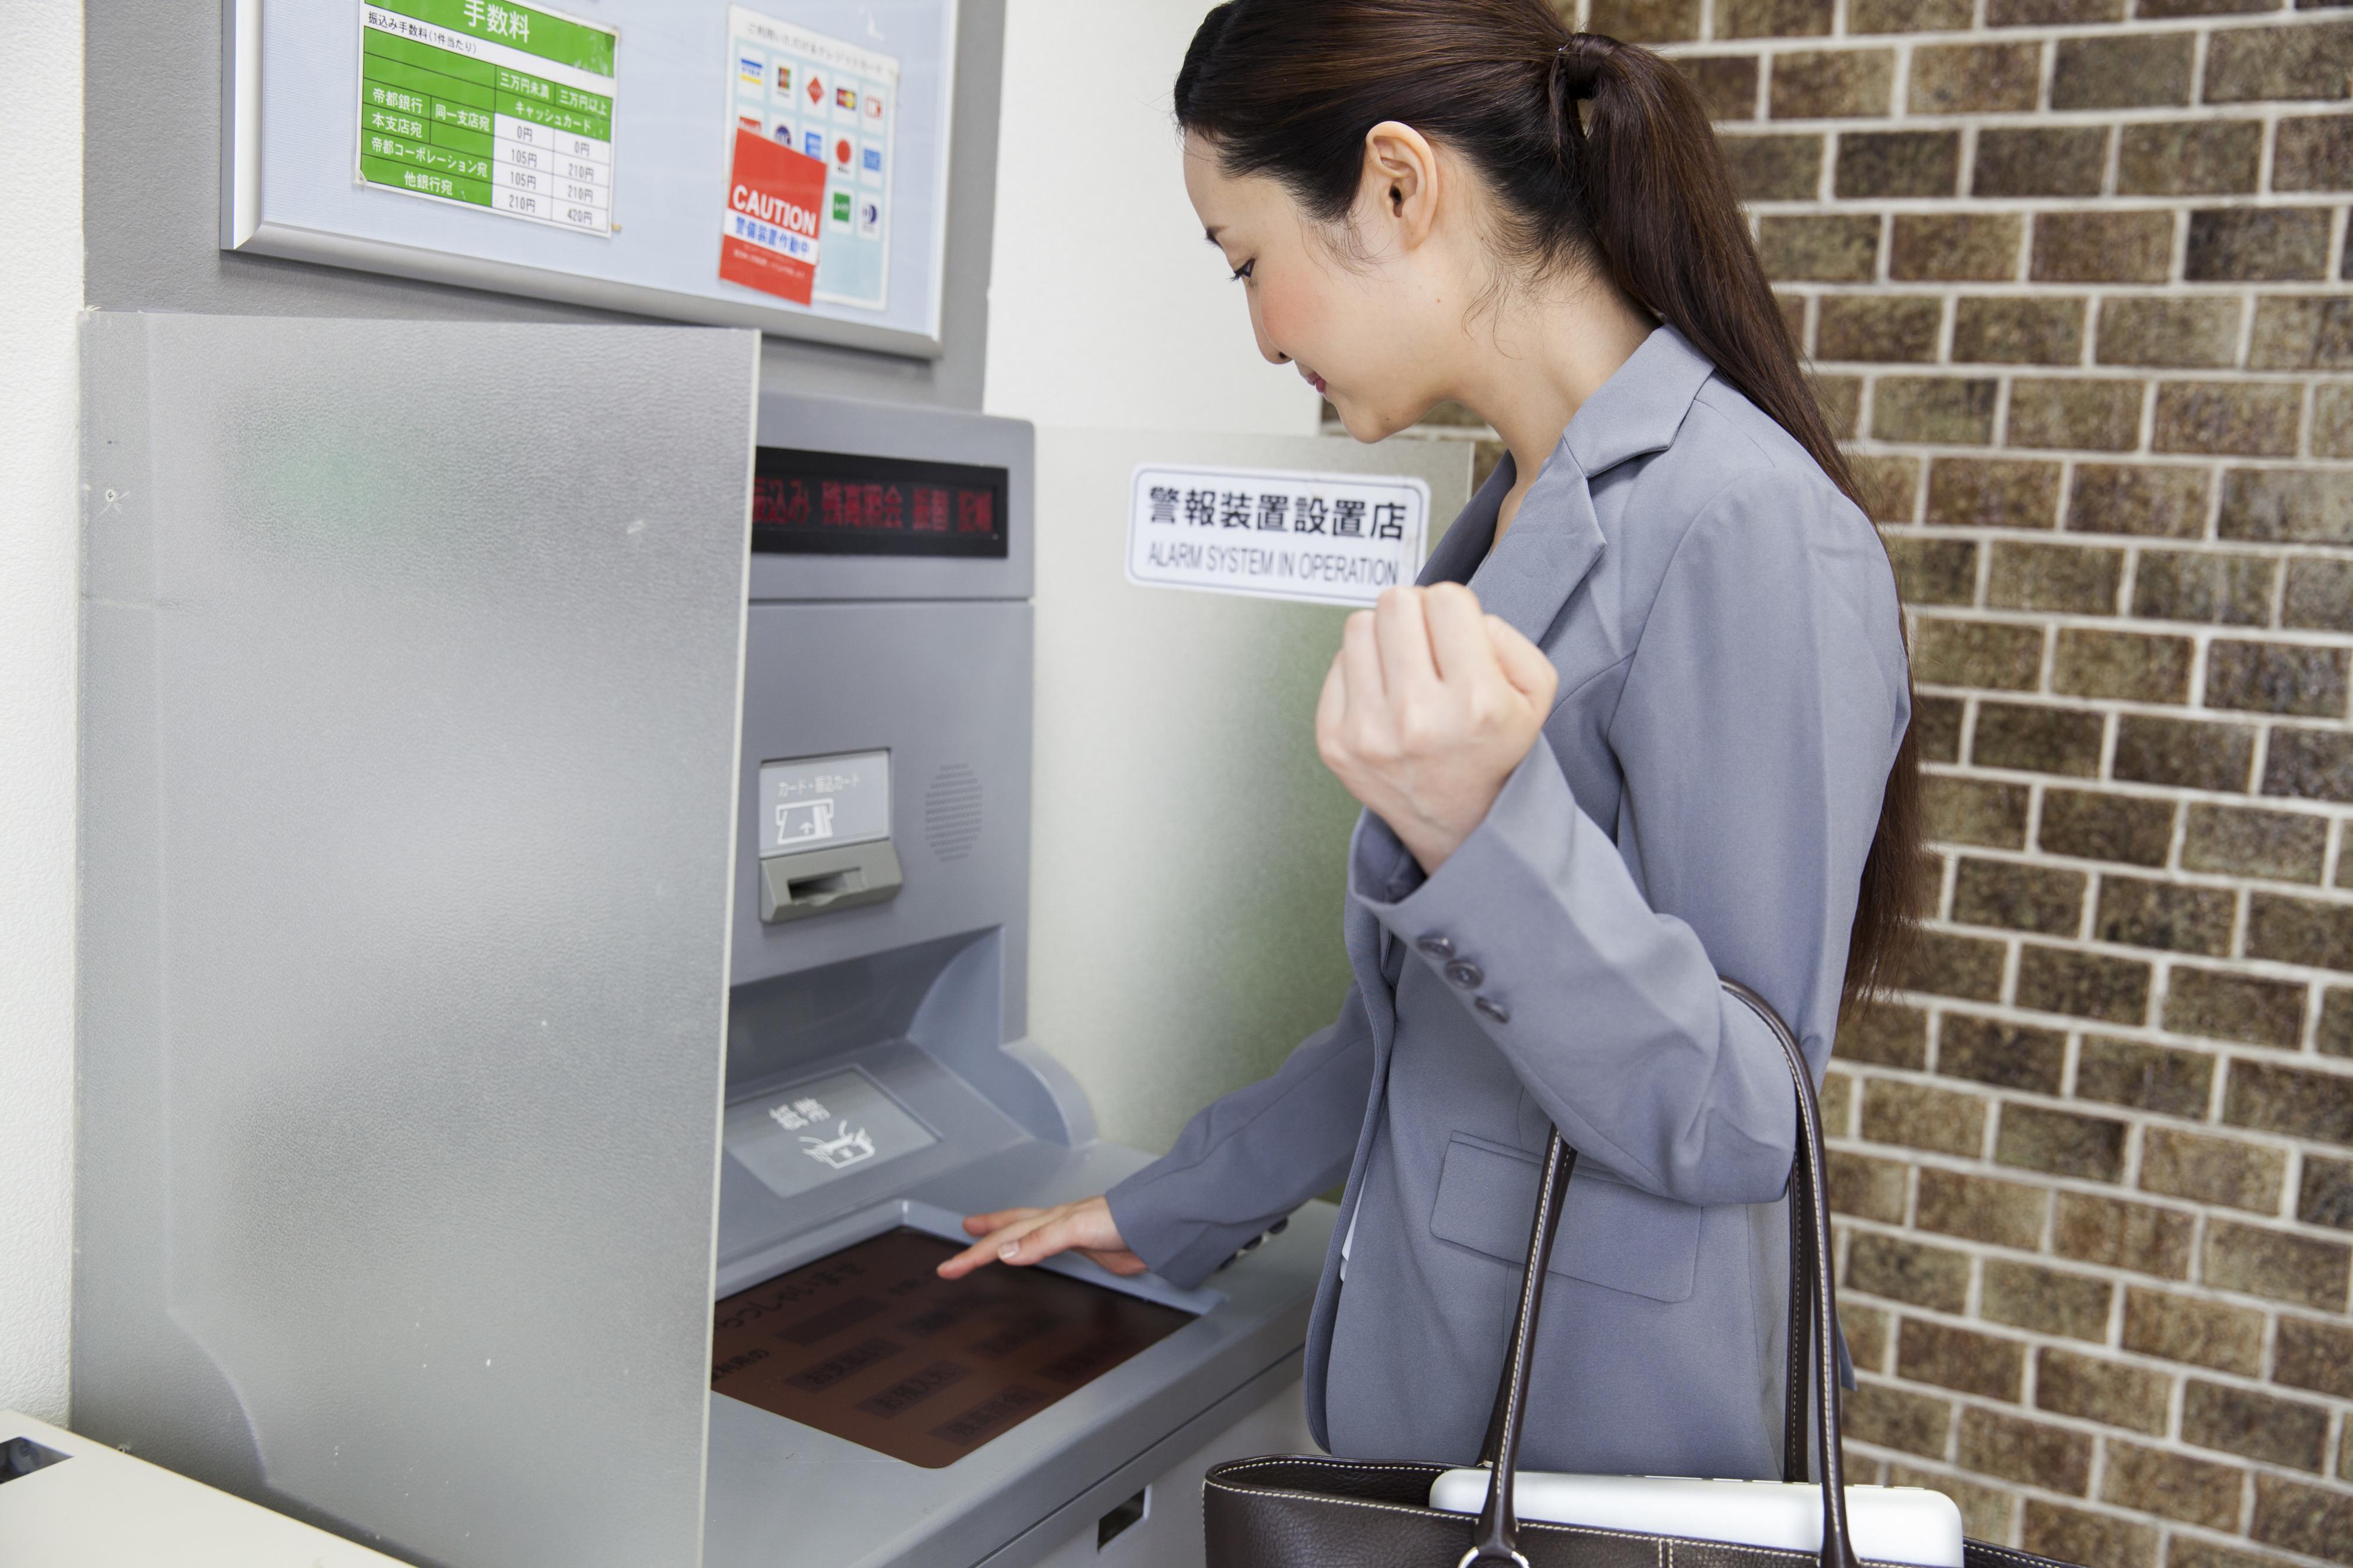 カードローン&クレジットカードキャッシング、限度額を上げるにはどうしたらいい?